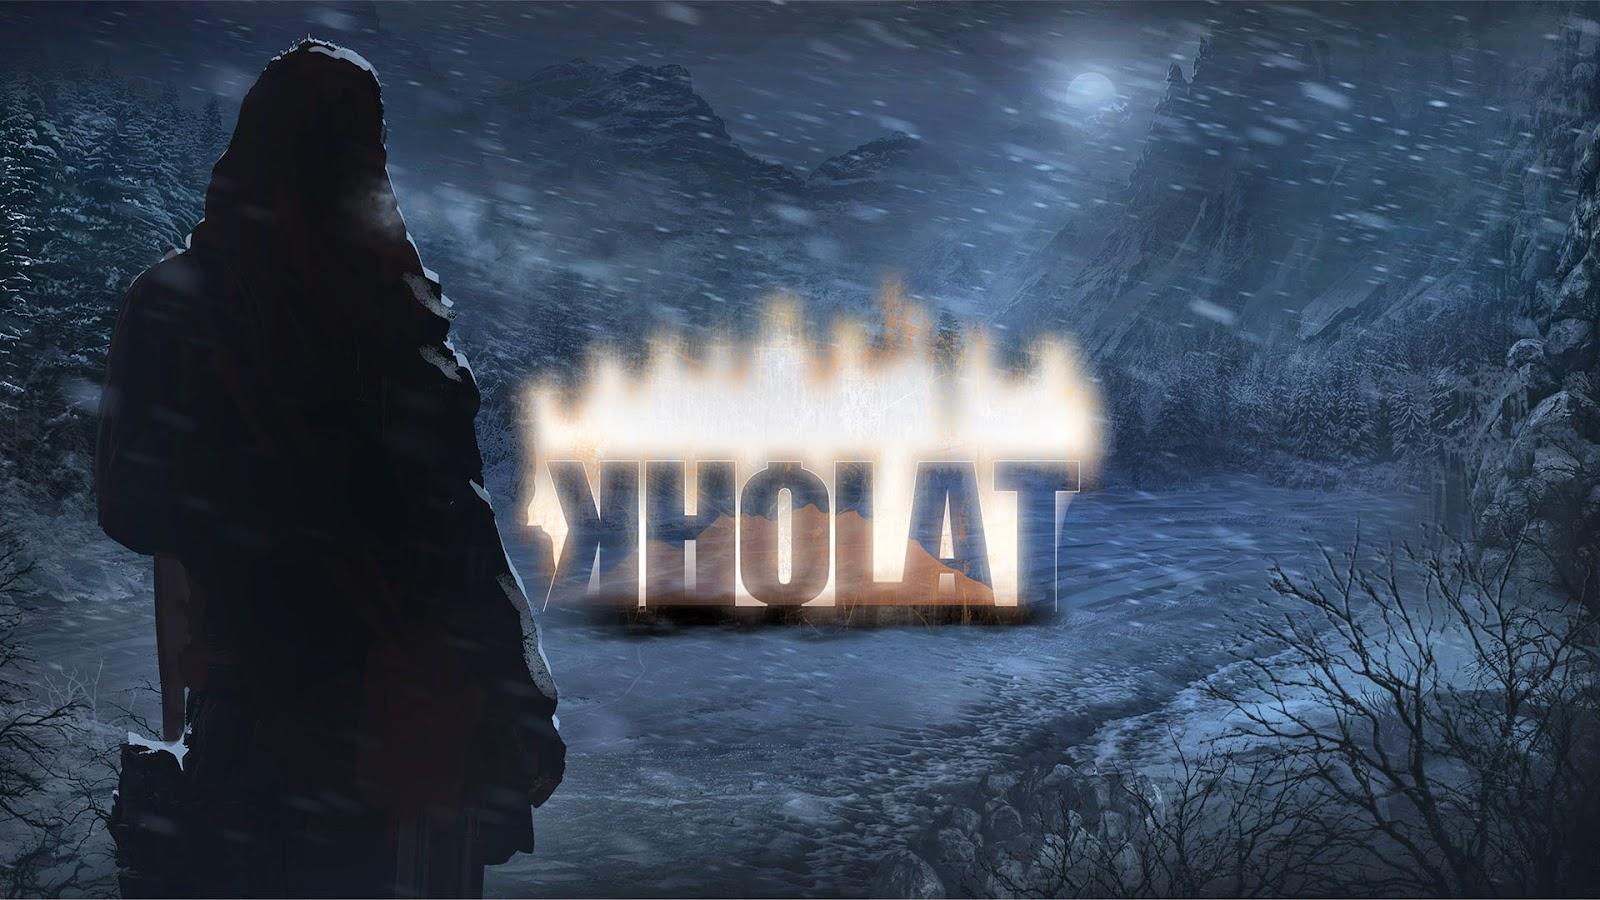 Kholat - игра с интригой!